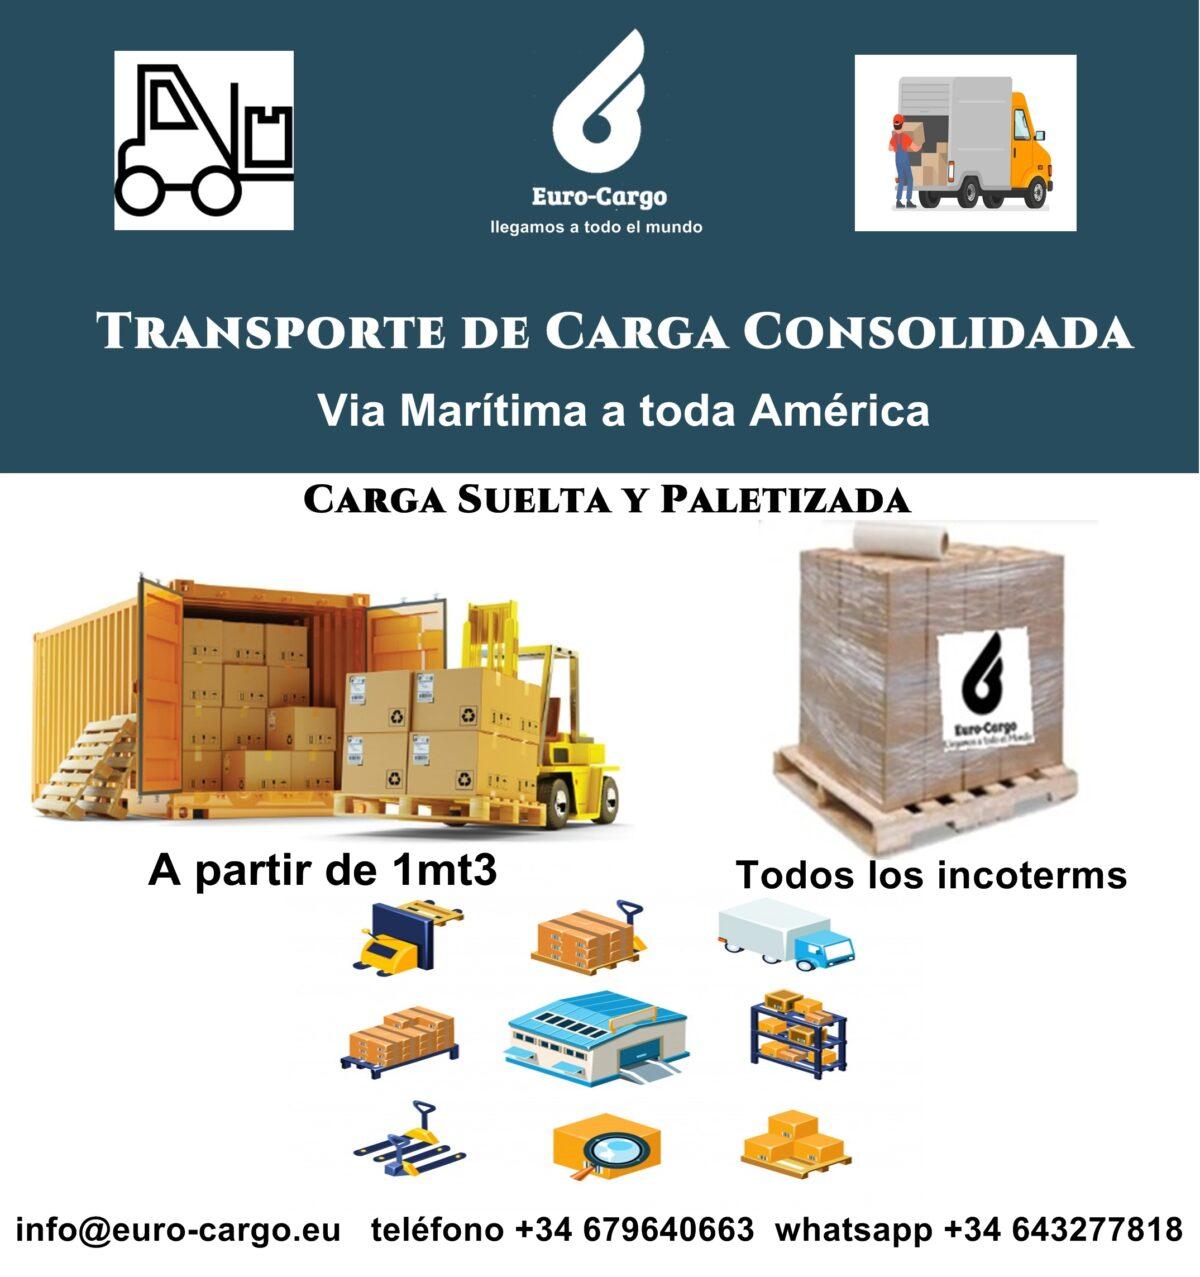 Carga-Consolidada-2-1200x1277.jpg